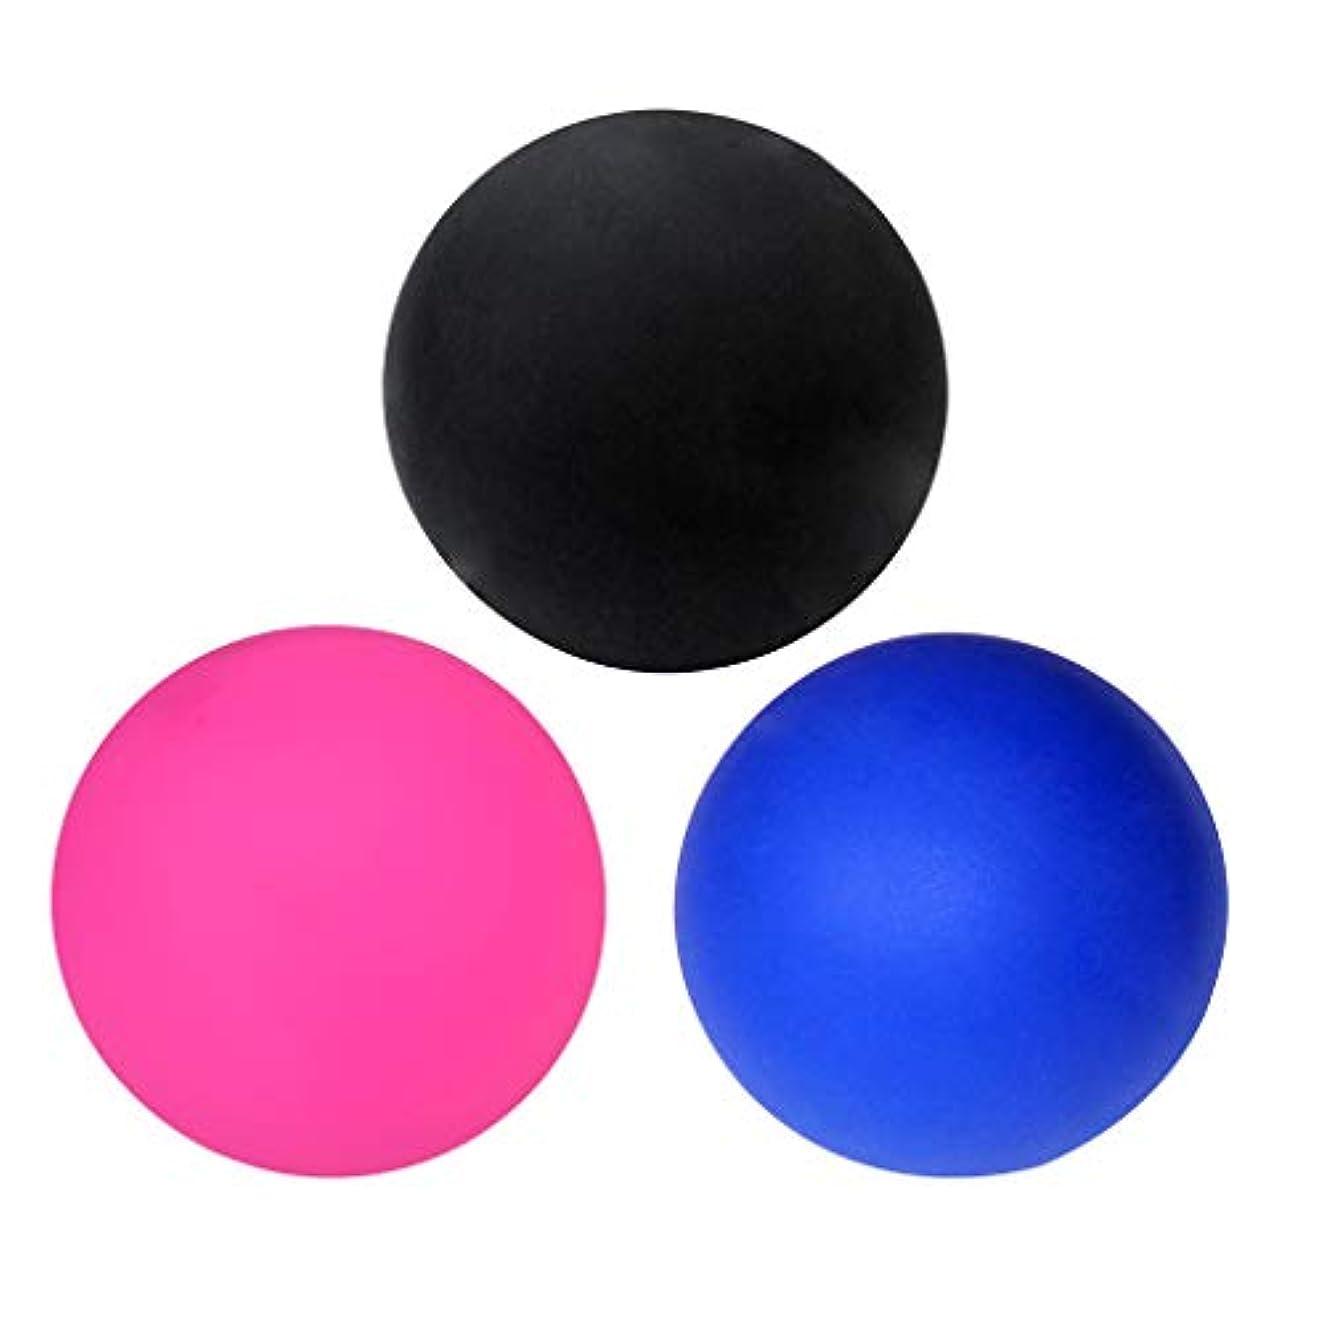 広大なで電話に出る3個 マッサージボール ラクロスボール トリガーポイント ゴム製 リラックスボール ツボ押しグッズ